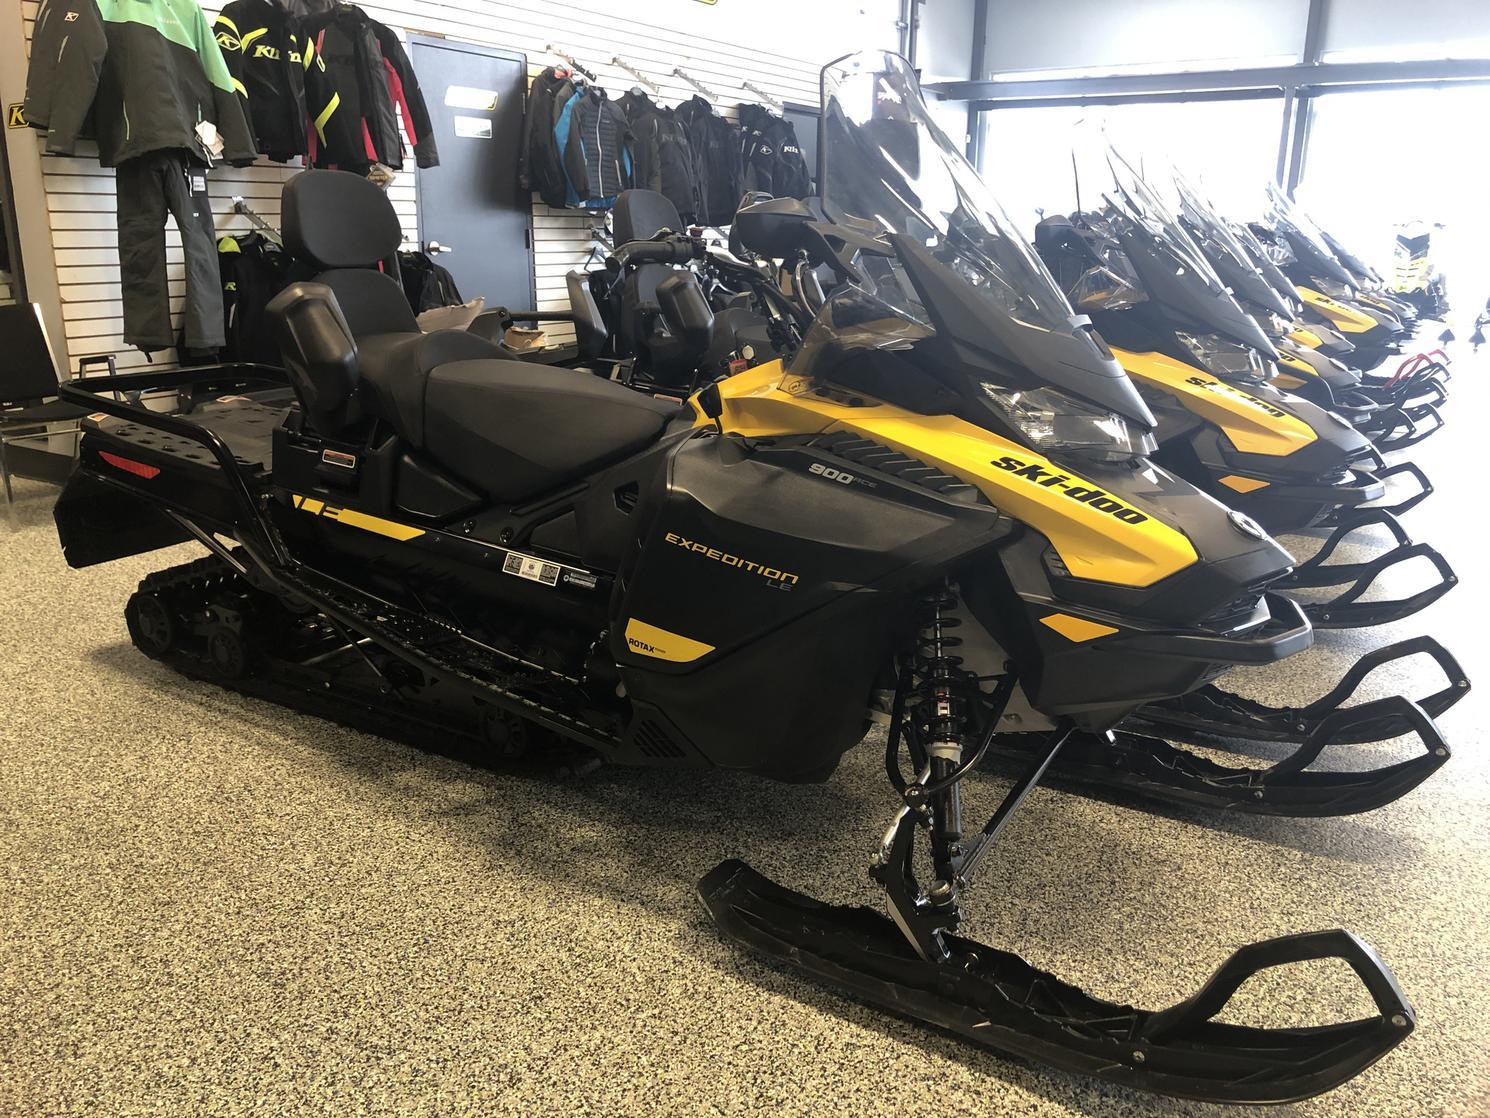 2021 Ski-Doo EXPÉDITION 20» LE 900 ACE GEN-4 garantie 5 ans disponible